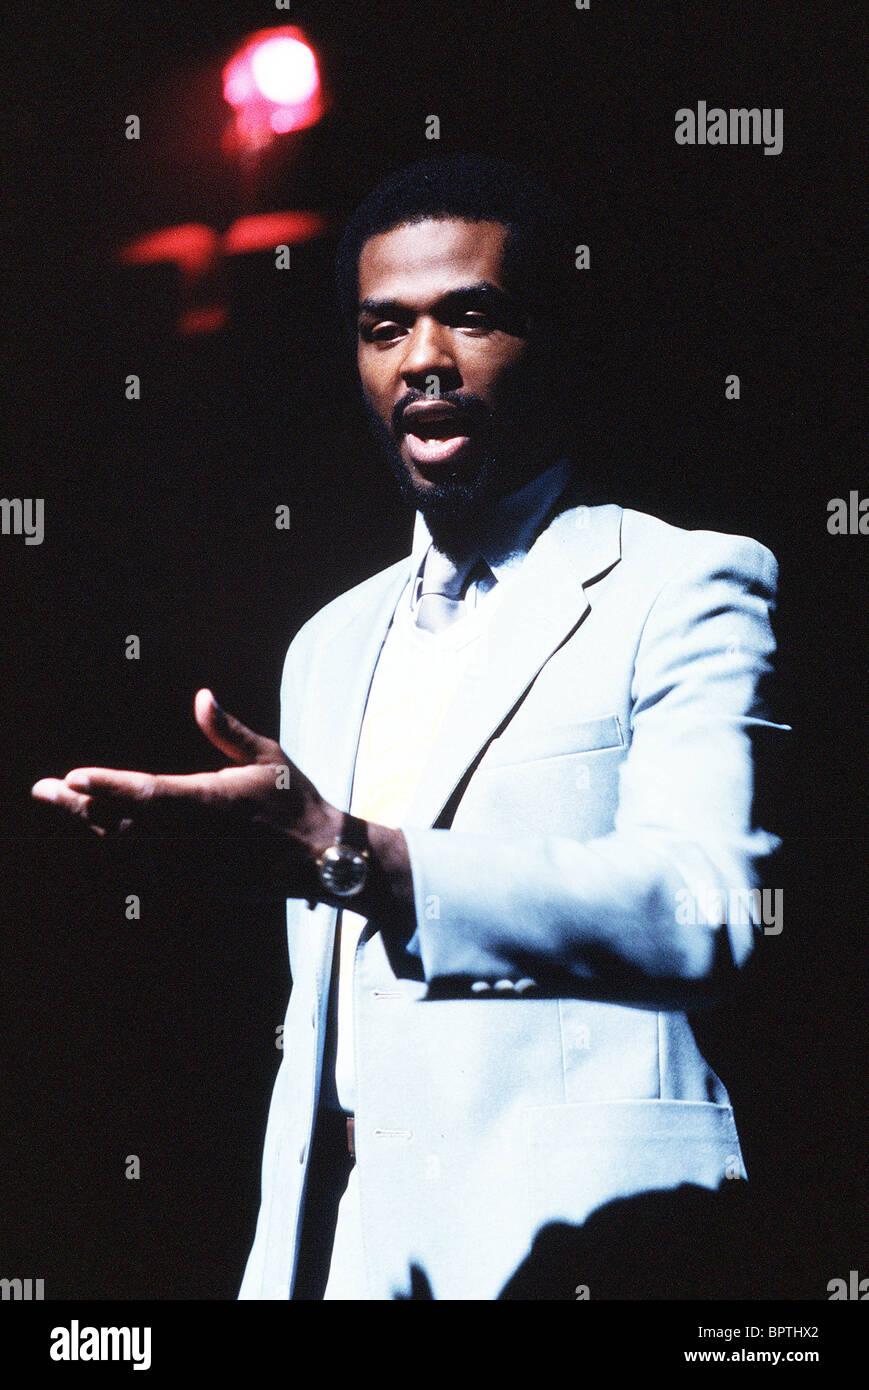 GARY BYRD SINGER (1984) - Stock Image